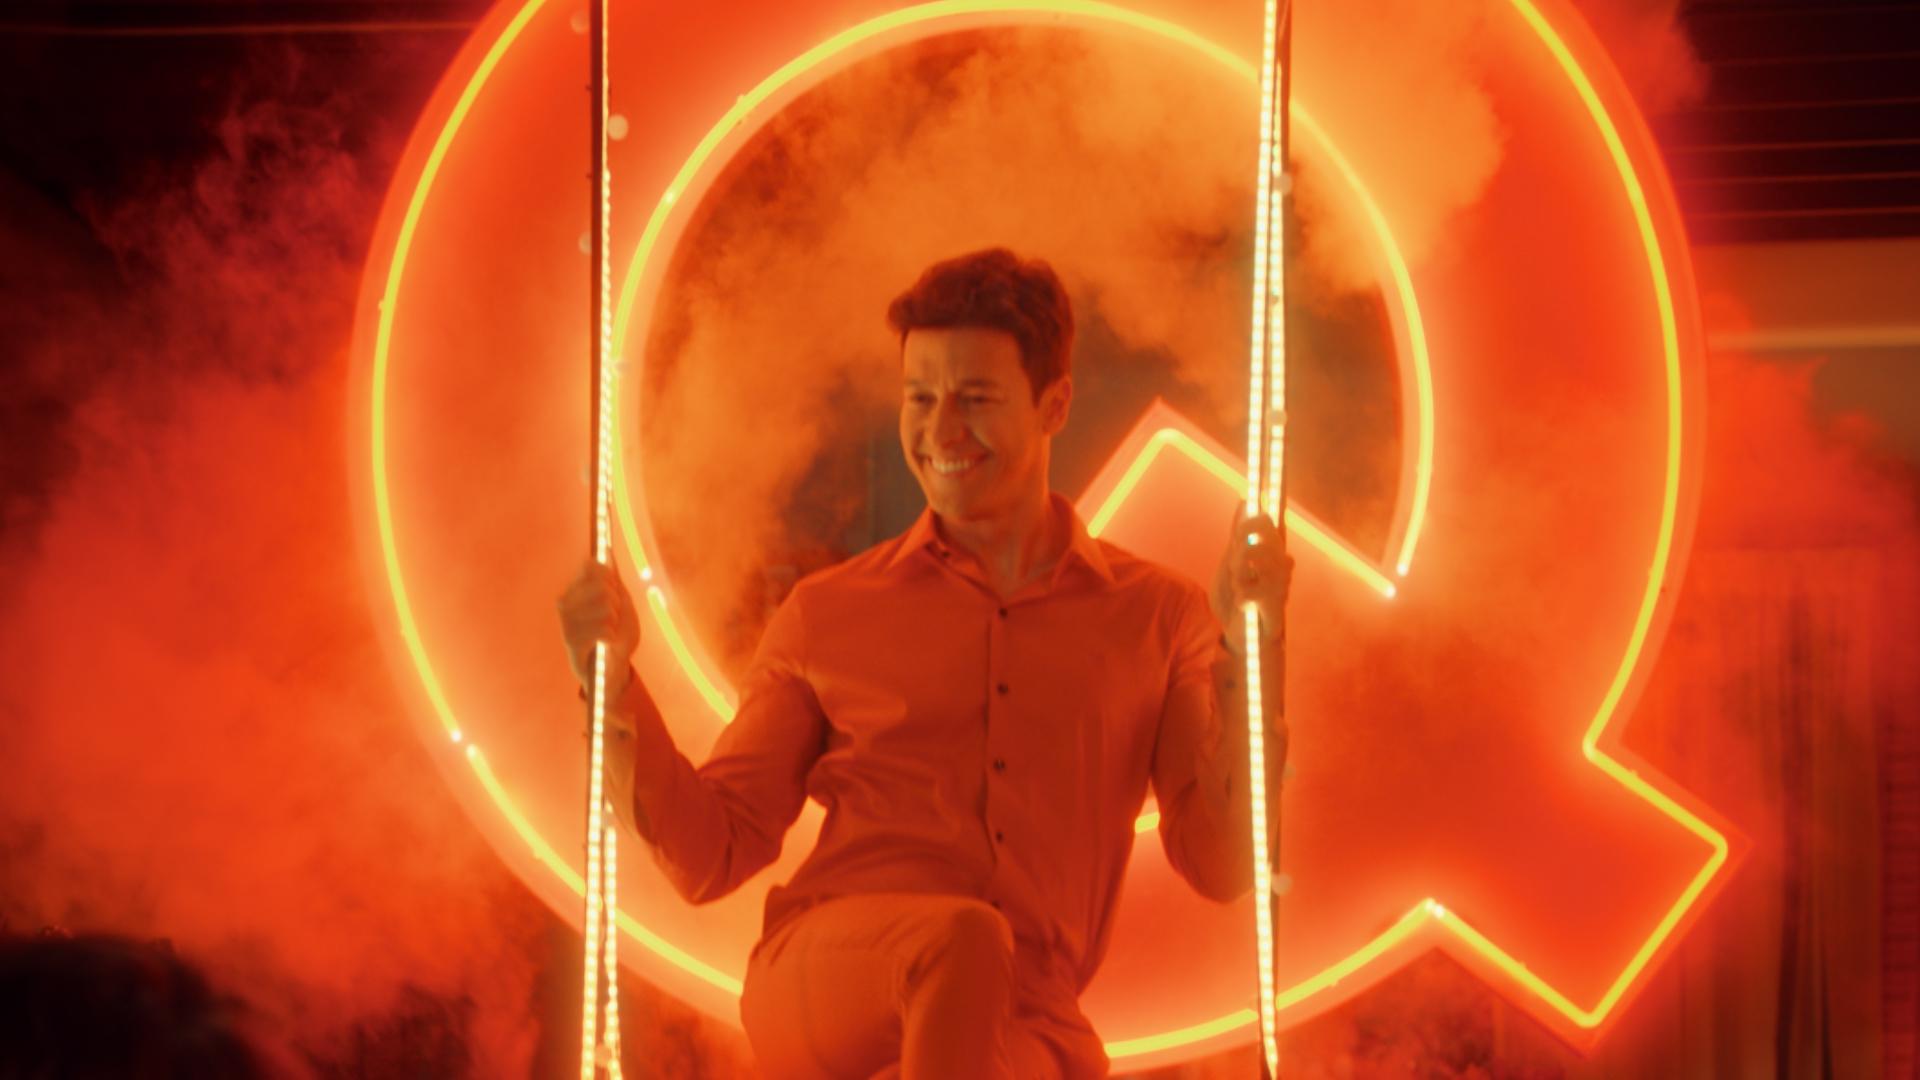 Na imagem, Rodrigo Faro está sentado em um balanço, segurando nas cordas, enquanto sorri. No fundo há fumaça e uma letra Q iluminado por neon.